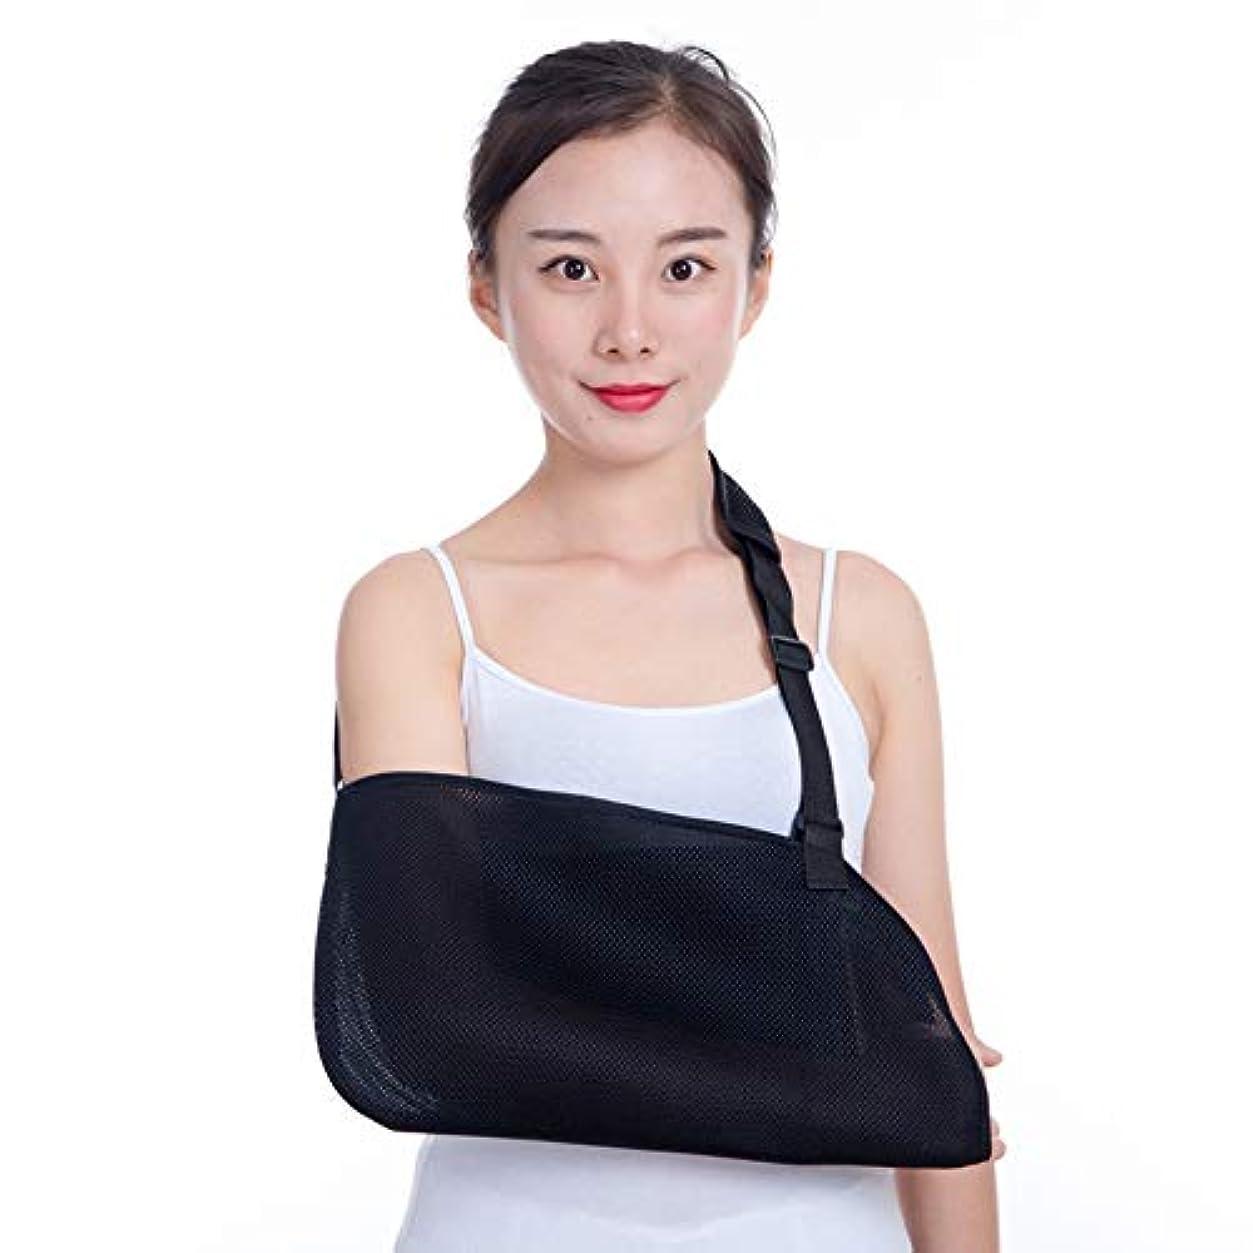 衰えるモナリザつまずくメッシュアームサポートスリング、ショルダーイモビライザーブレース、通気性と軽量、肩、腕、肘、回旋腱板の痛みを完全に調整可能